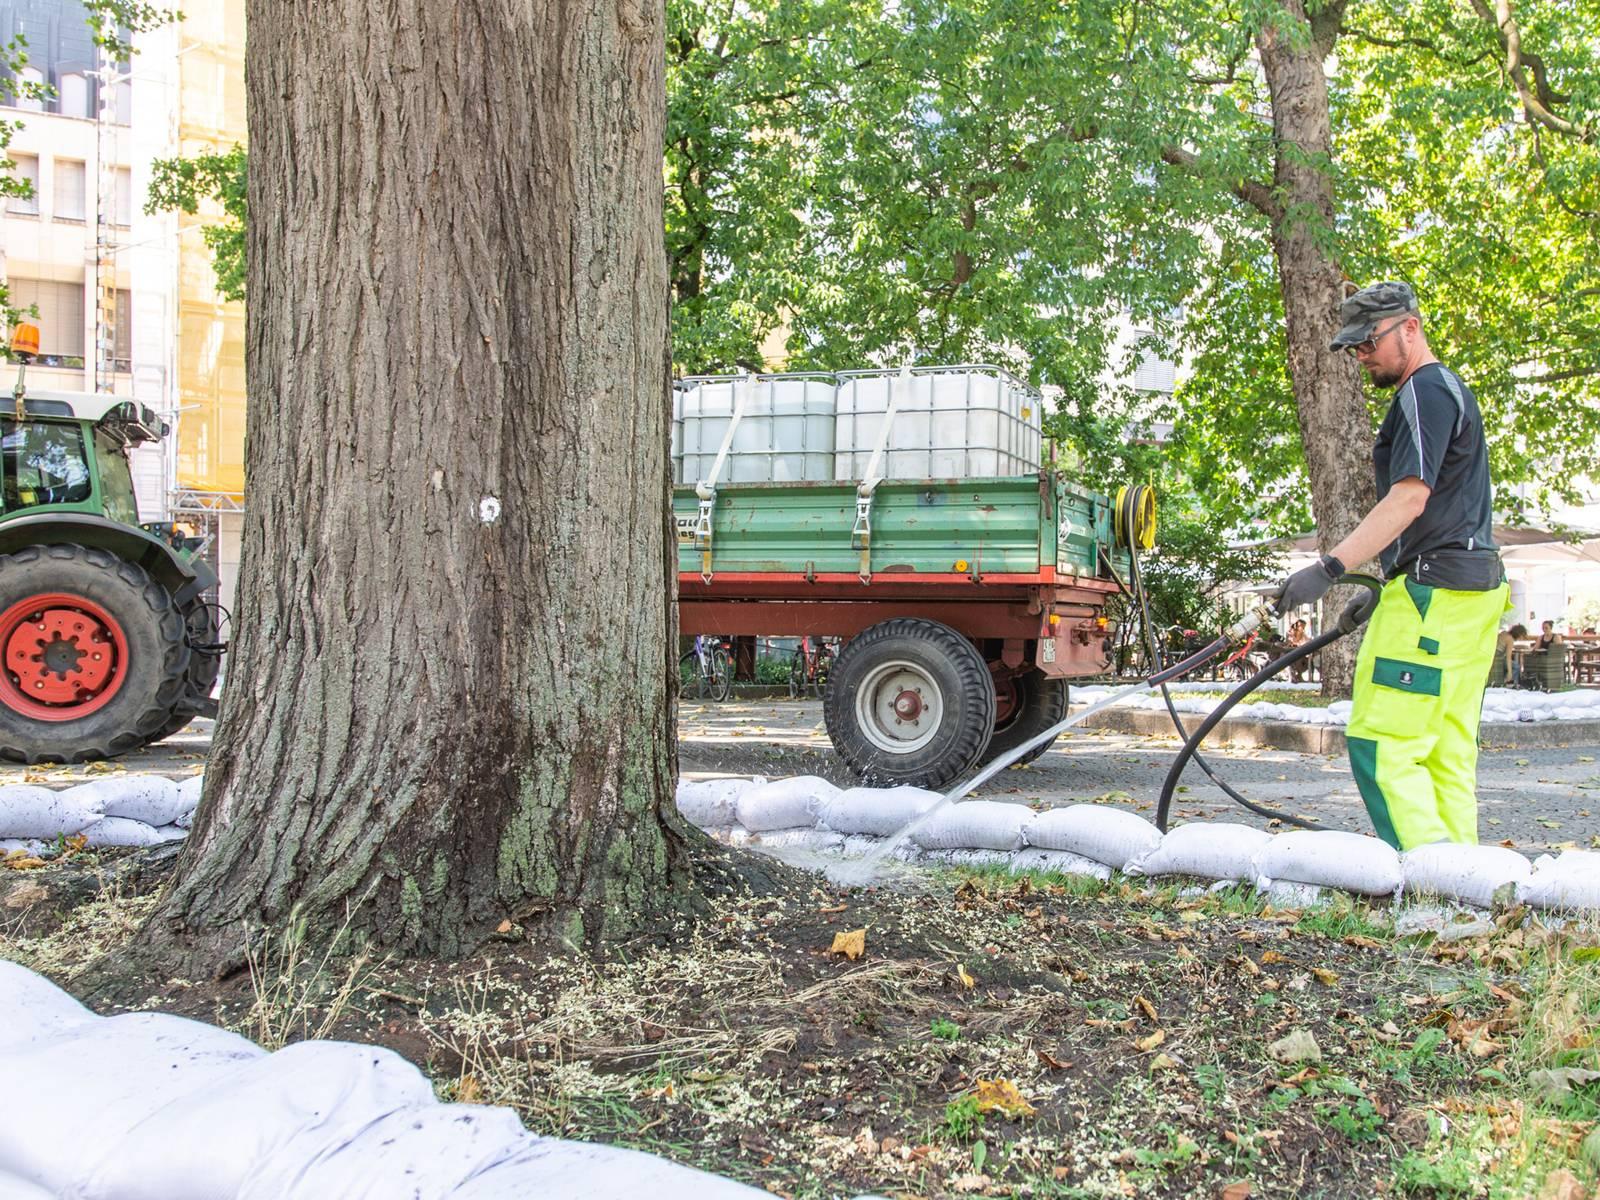 Ein Mann bewässert mit einem Gartenschlauch einen Straßenbaum